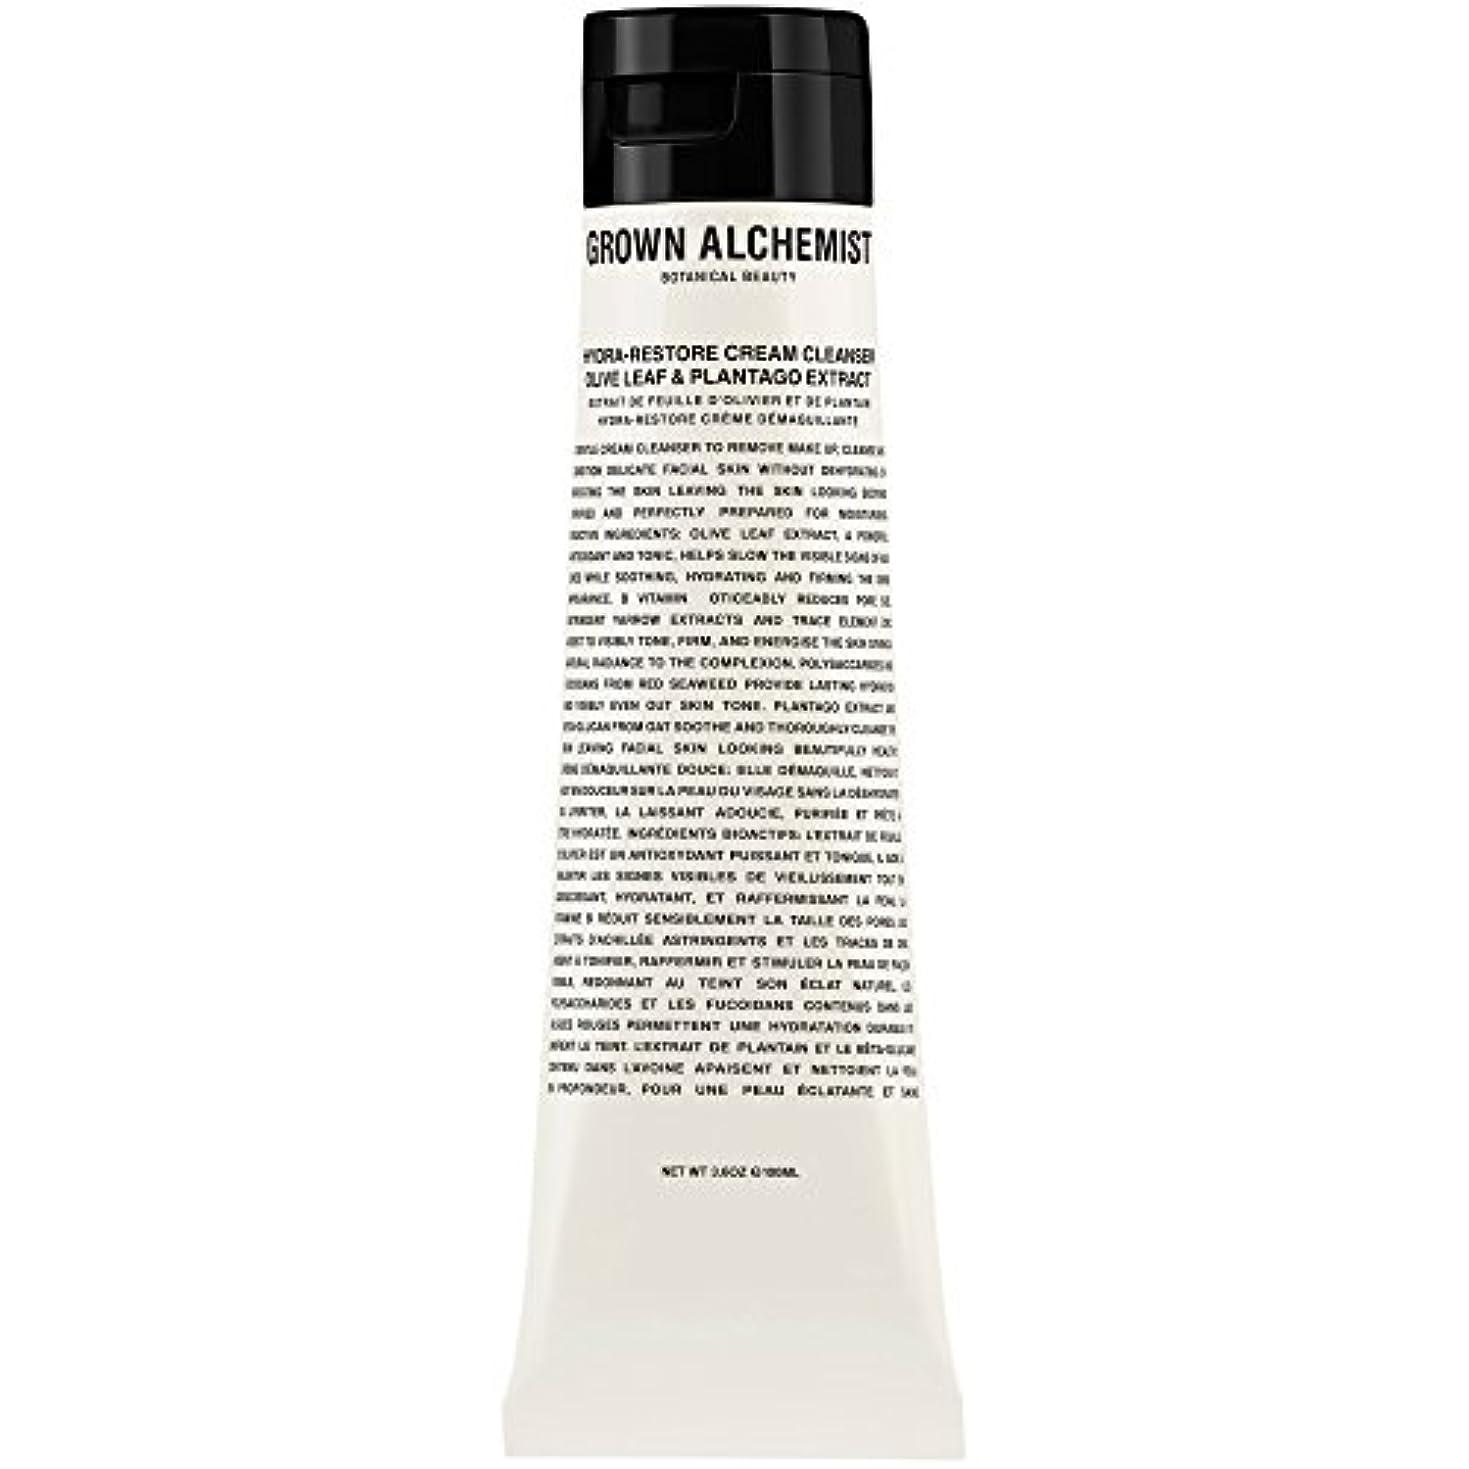 コテージ小切手フットボールオリーブの葉&Plantogoエキス、100ミリリットル:成長した錬金術師クリームクレンザーをヒドラ復元 (Grown Alchemist) (x6) - Grown Alchemist Hydra-Restore Cream...